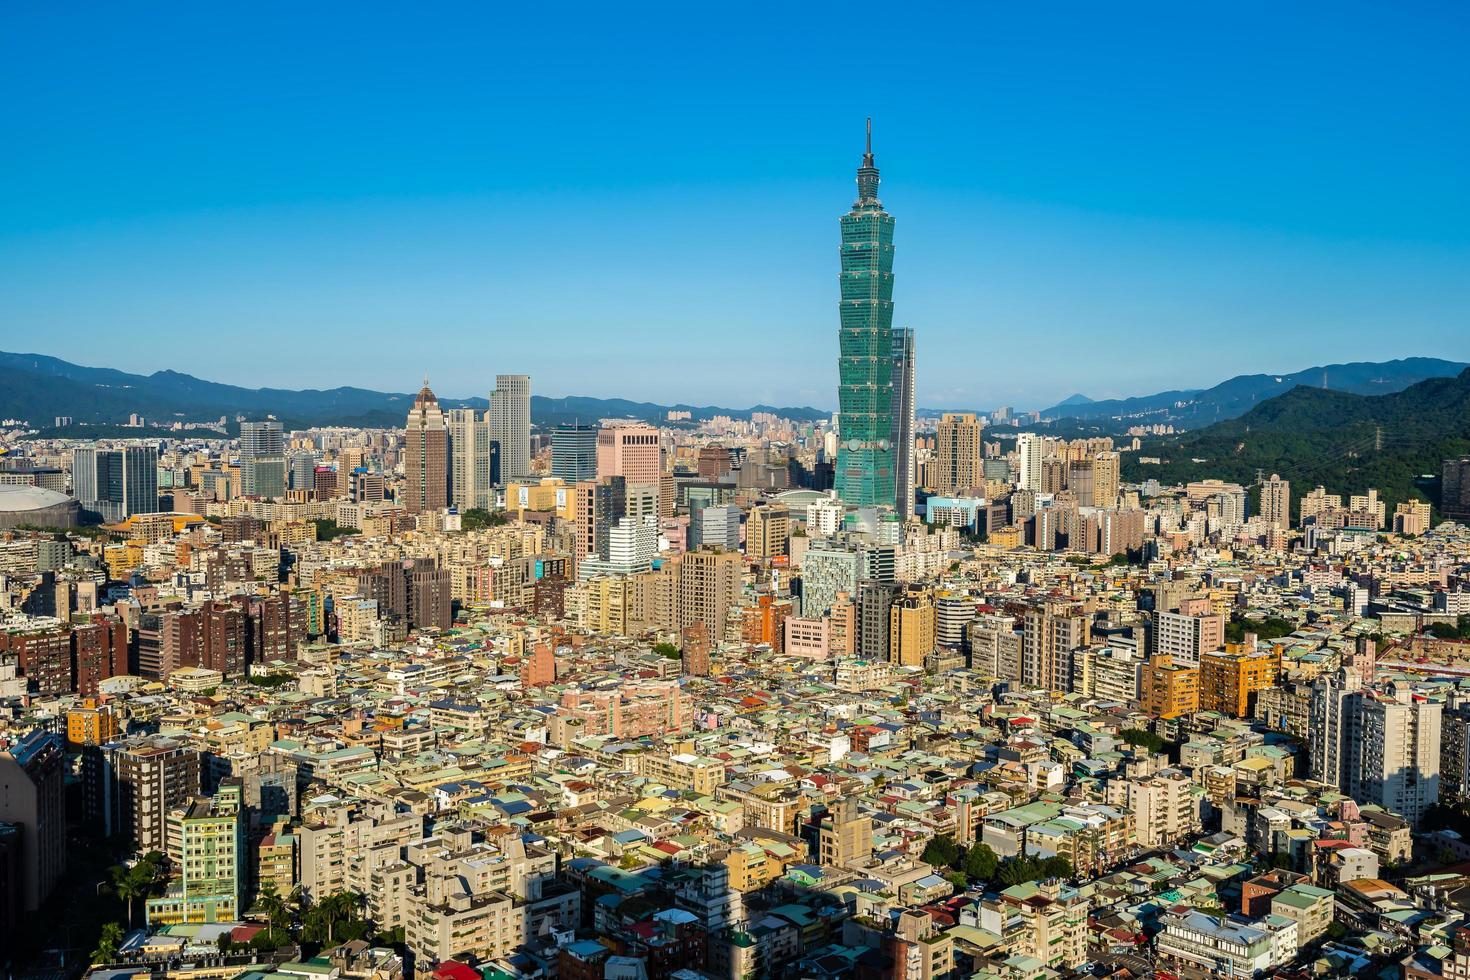 Taipei 101 tower in Taipei city, Taiwan photo